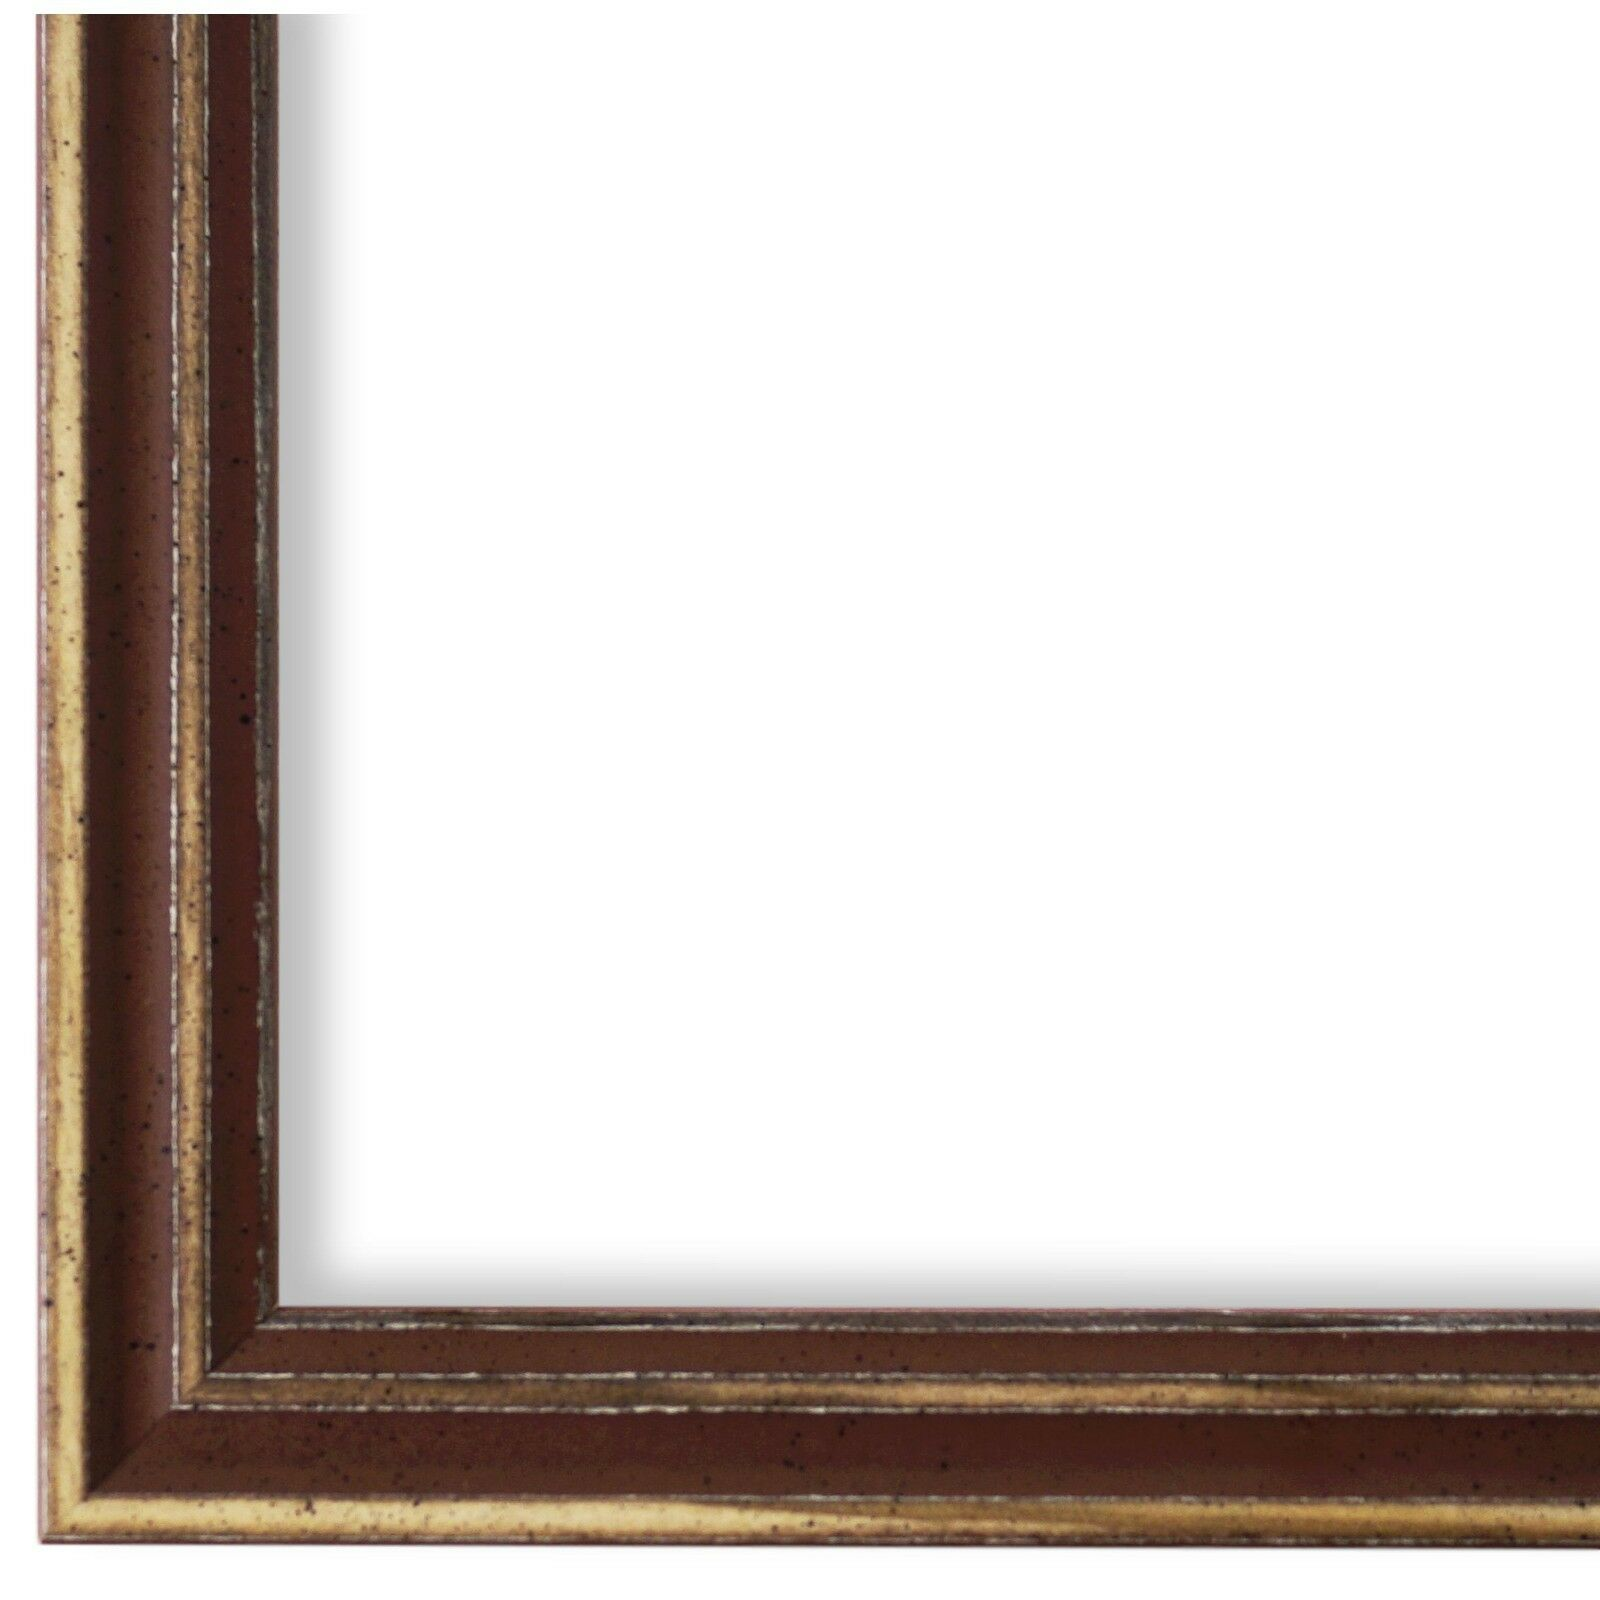 Cadre photo noir argent Perouse 24x30 28x35 30x30 30x40 30x45 40x40 40x50